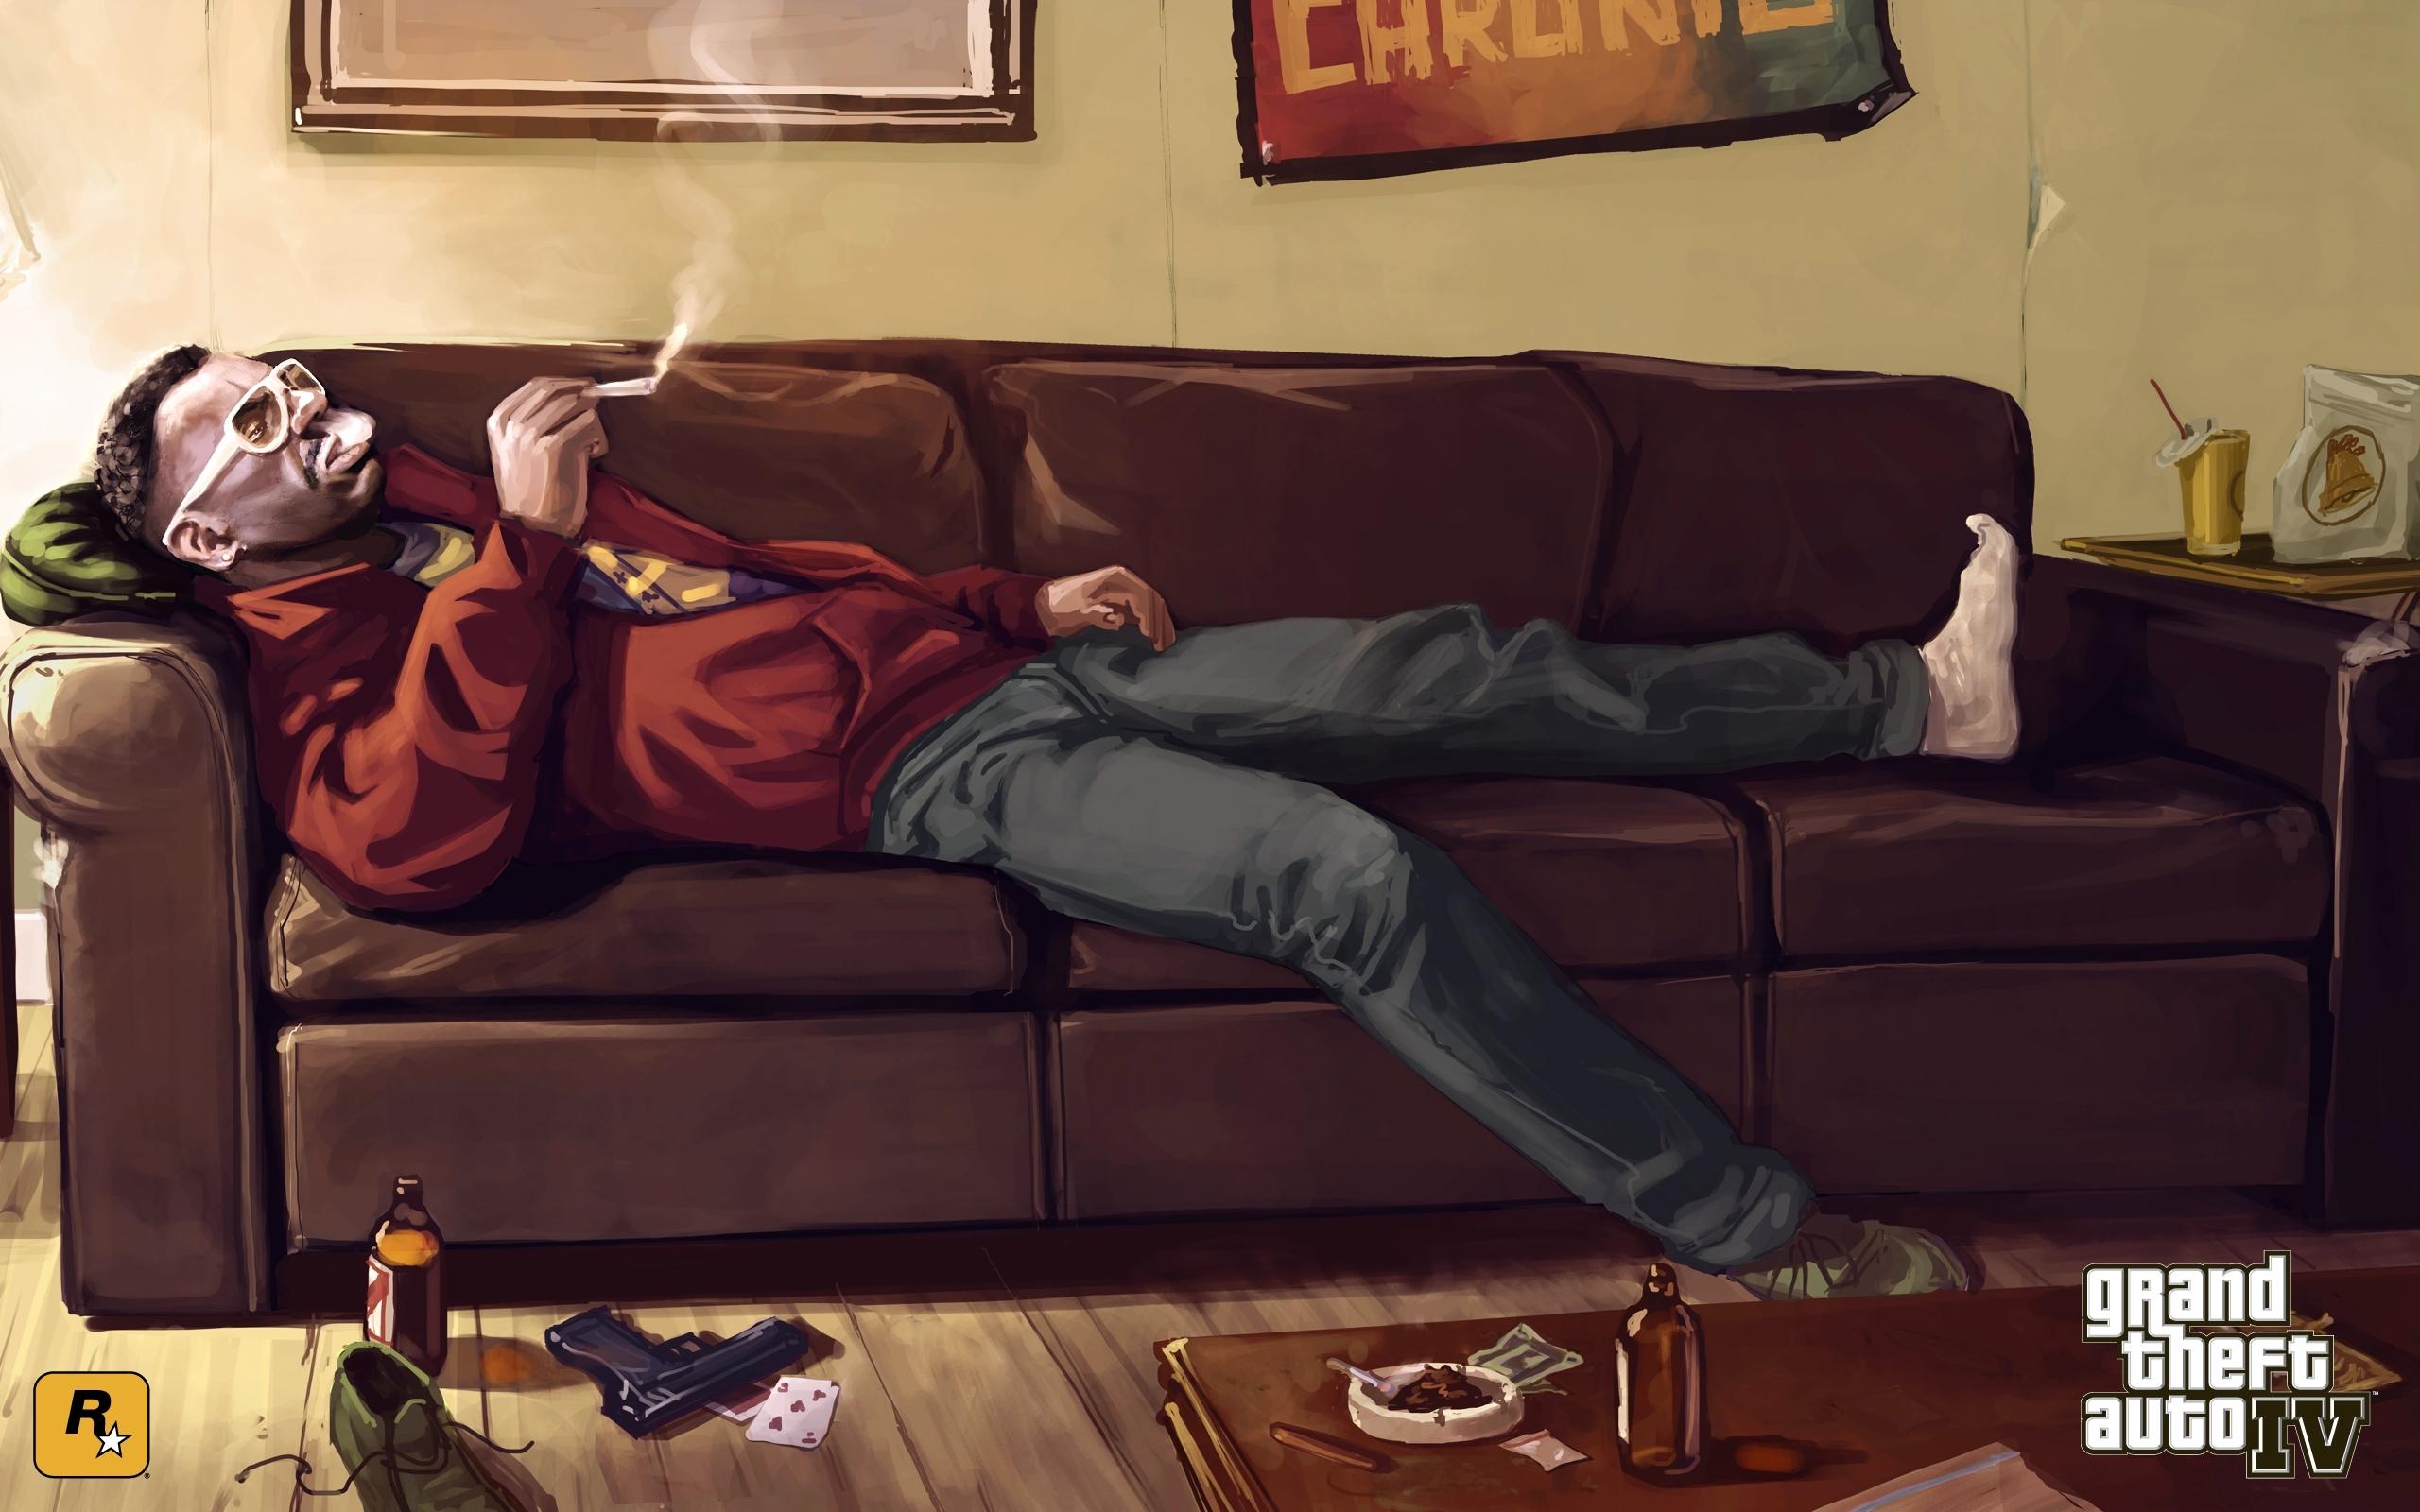 L uomo sul divano sveltina dire fare l 39 amore - Scopare sul divano ...